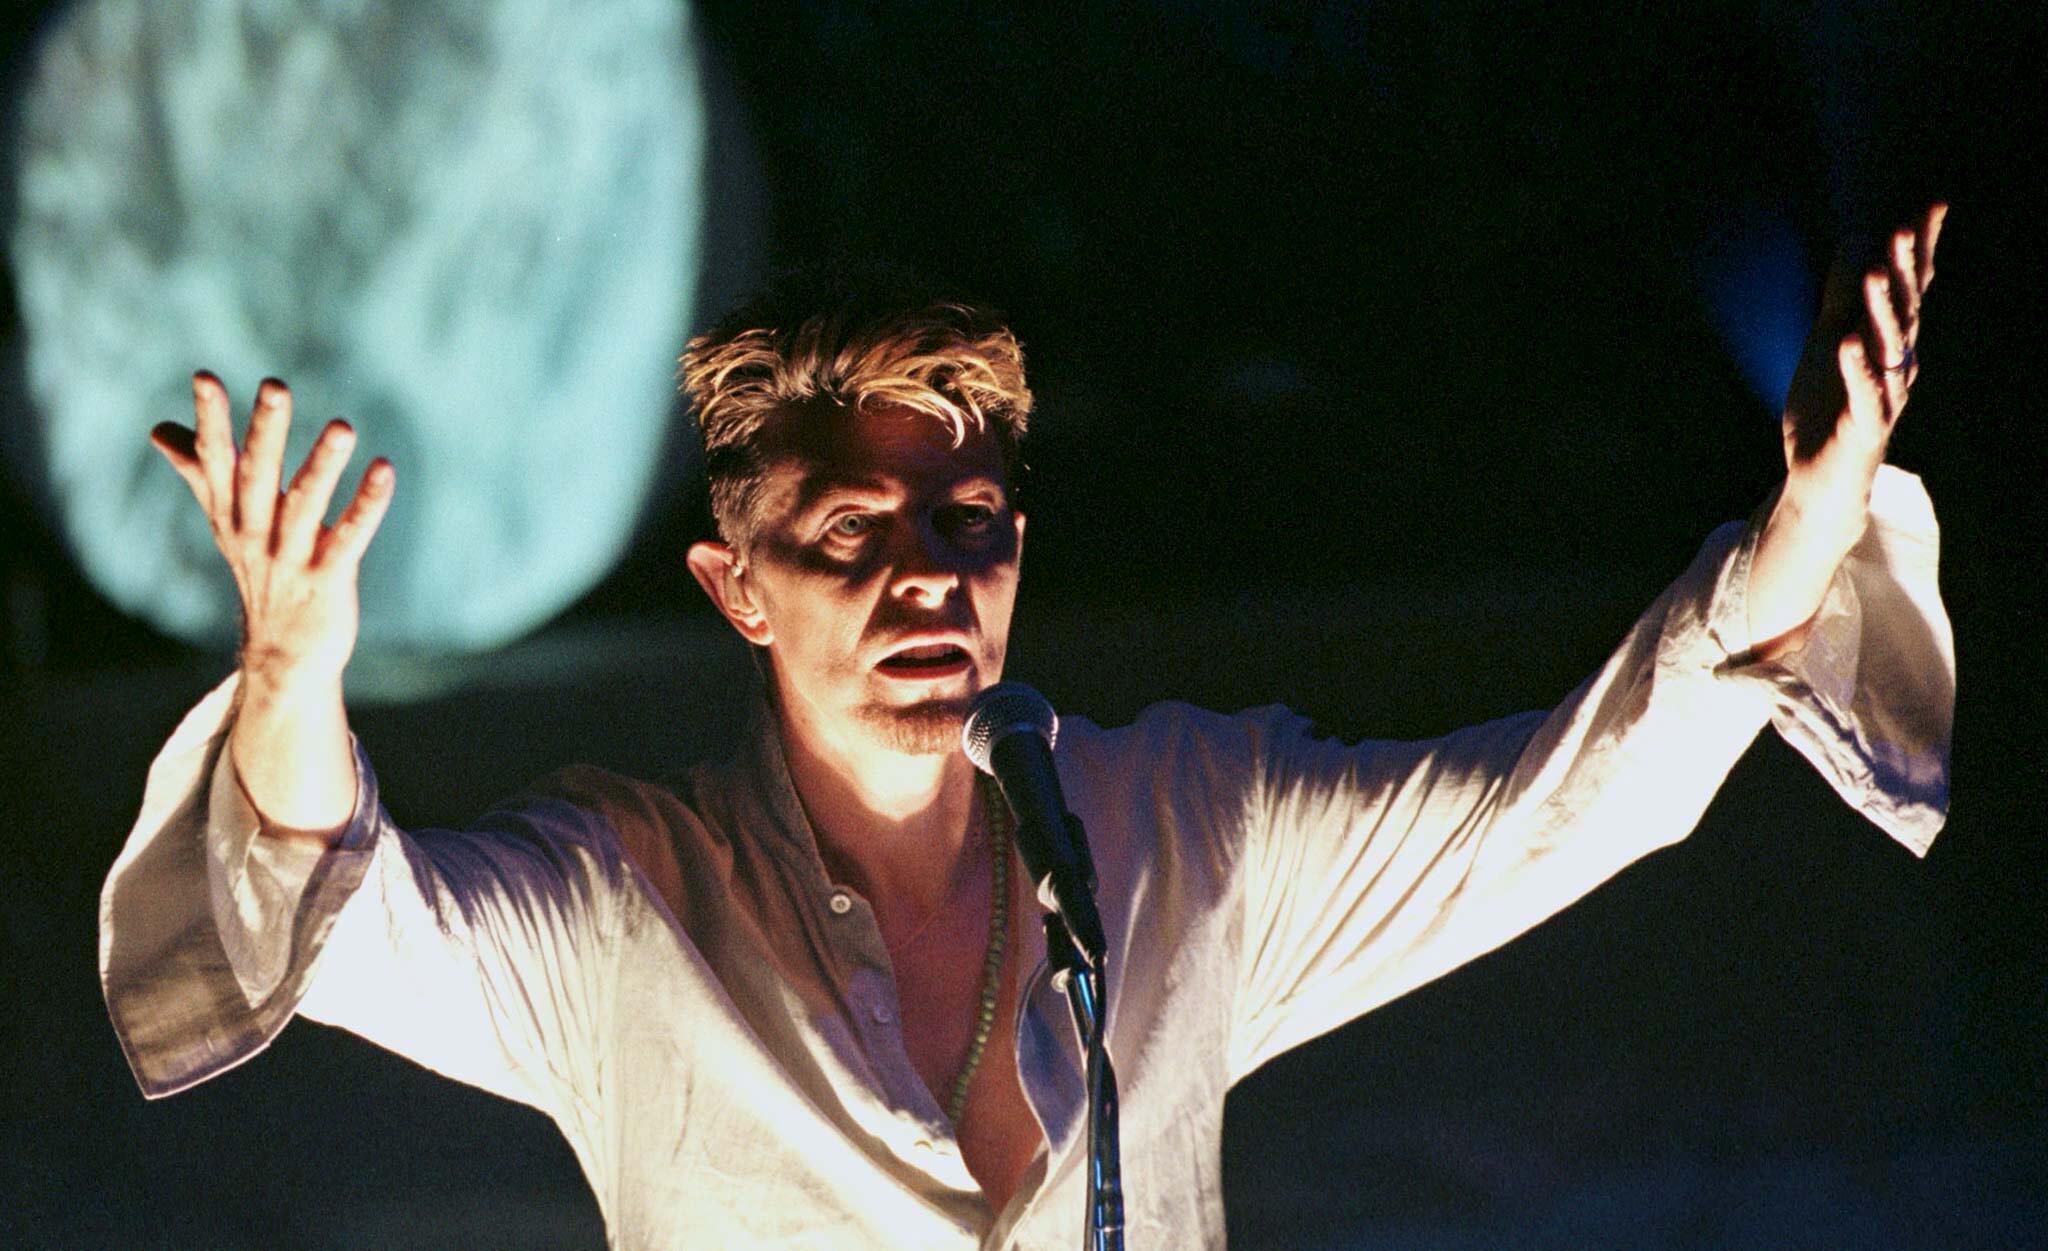 David Bowie en 1997, au Vic Theater à Chicago. Le chanteur britannique est décédé le 11 janvier 2016.